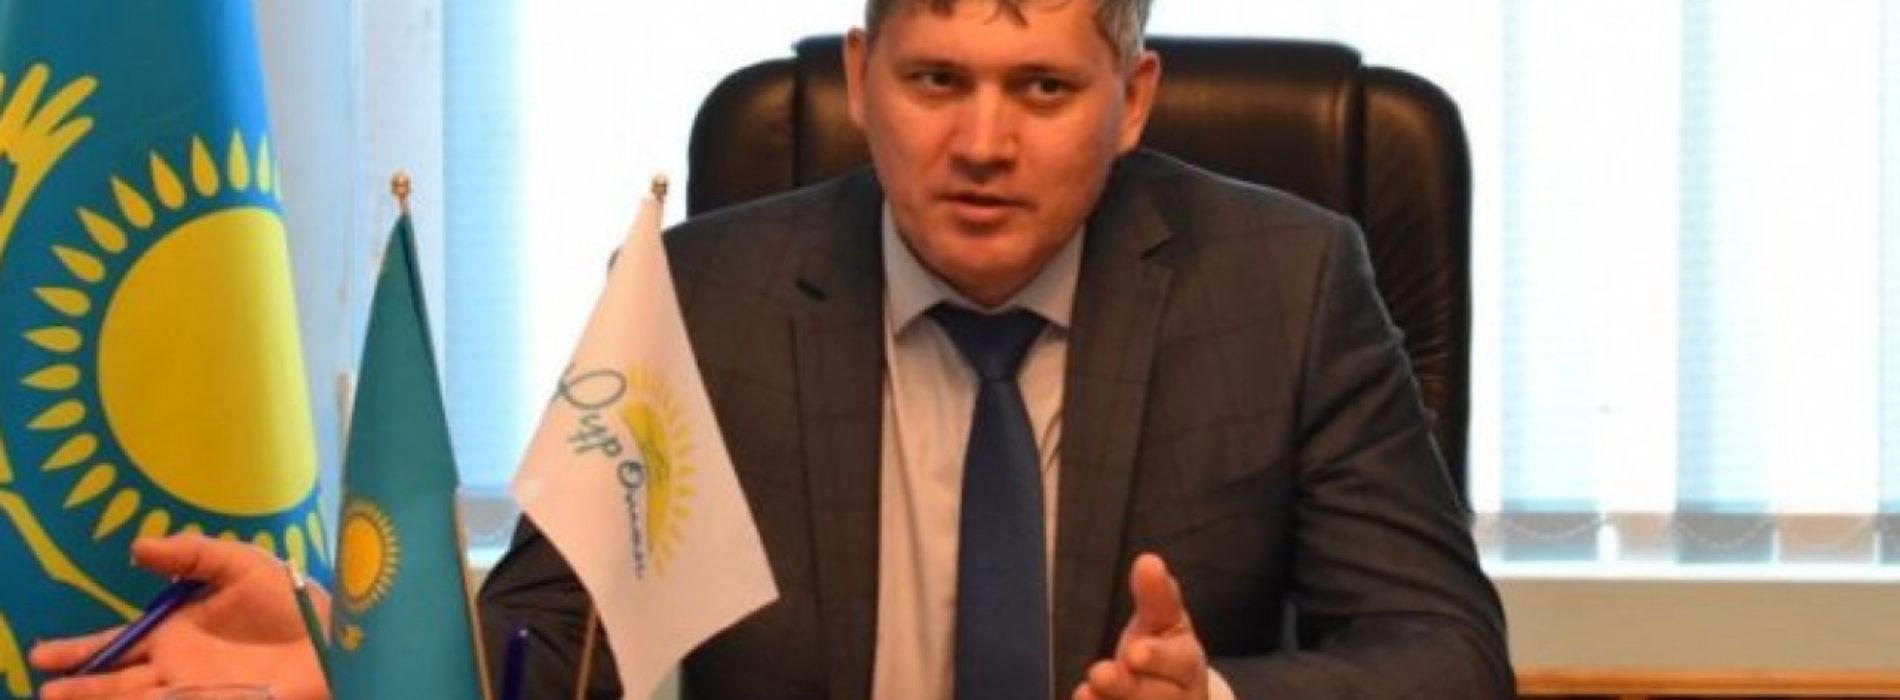 Адвокаты экс-вице-министра энергетики просят перевести расследование в столицу